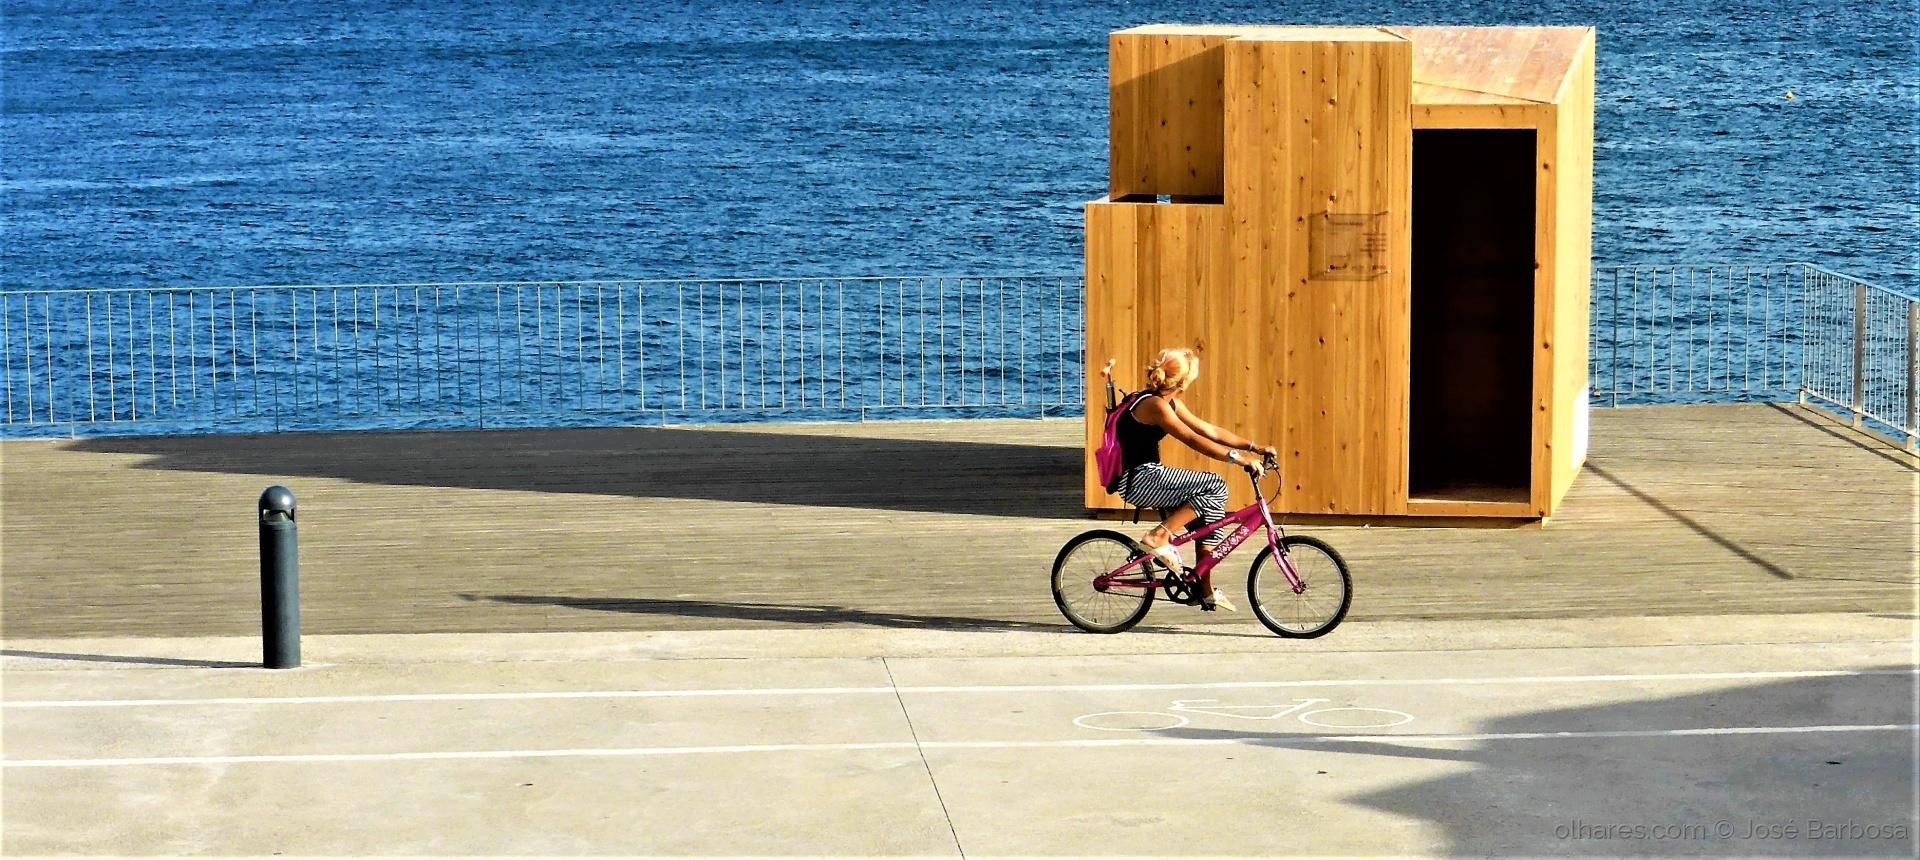 Desporto e Ação/Riding ALONE ( 2 ) .